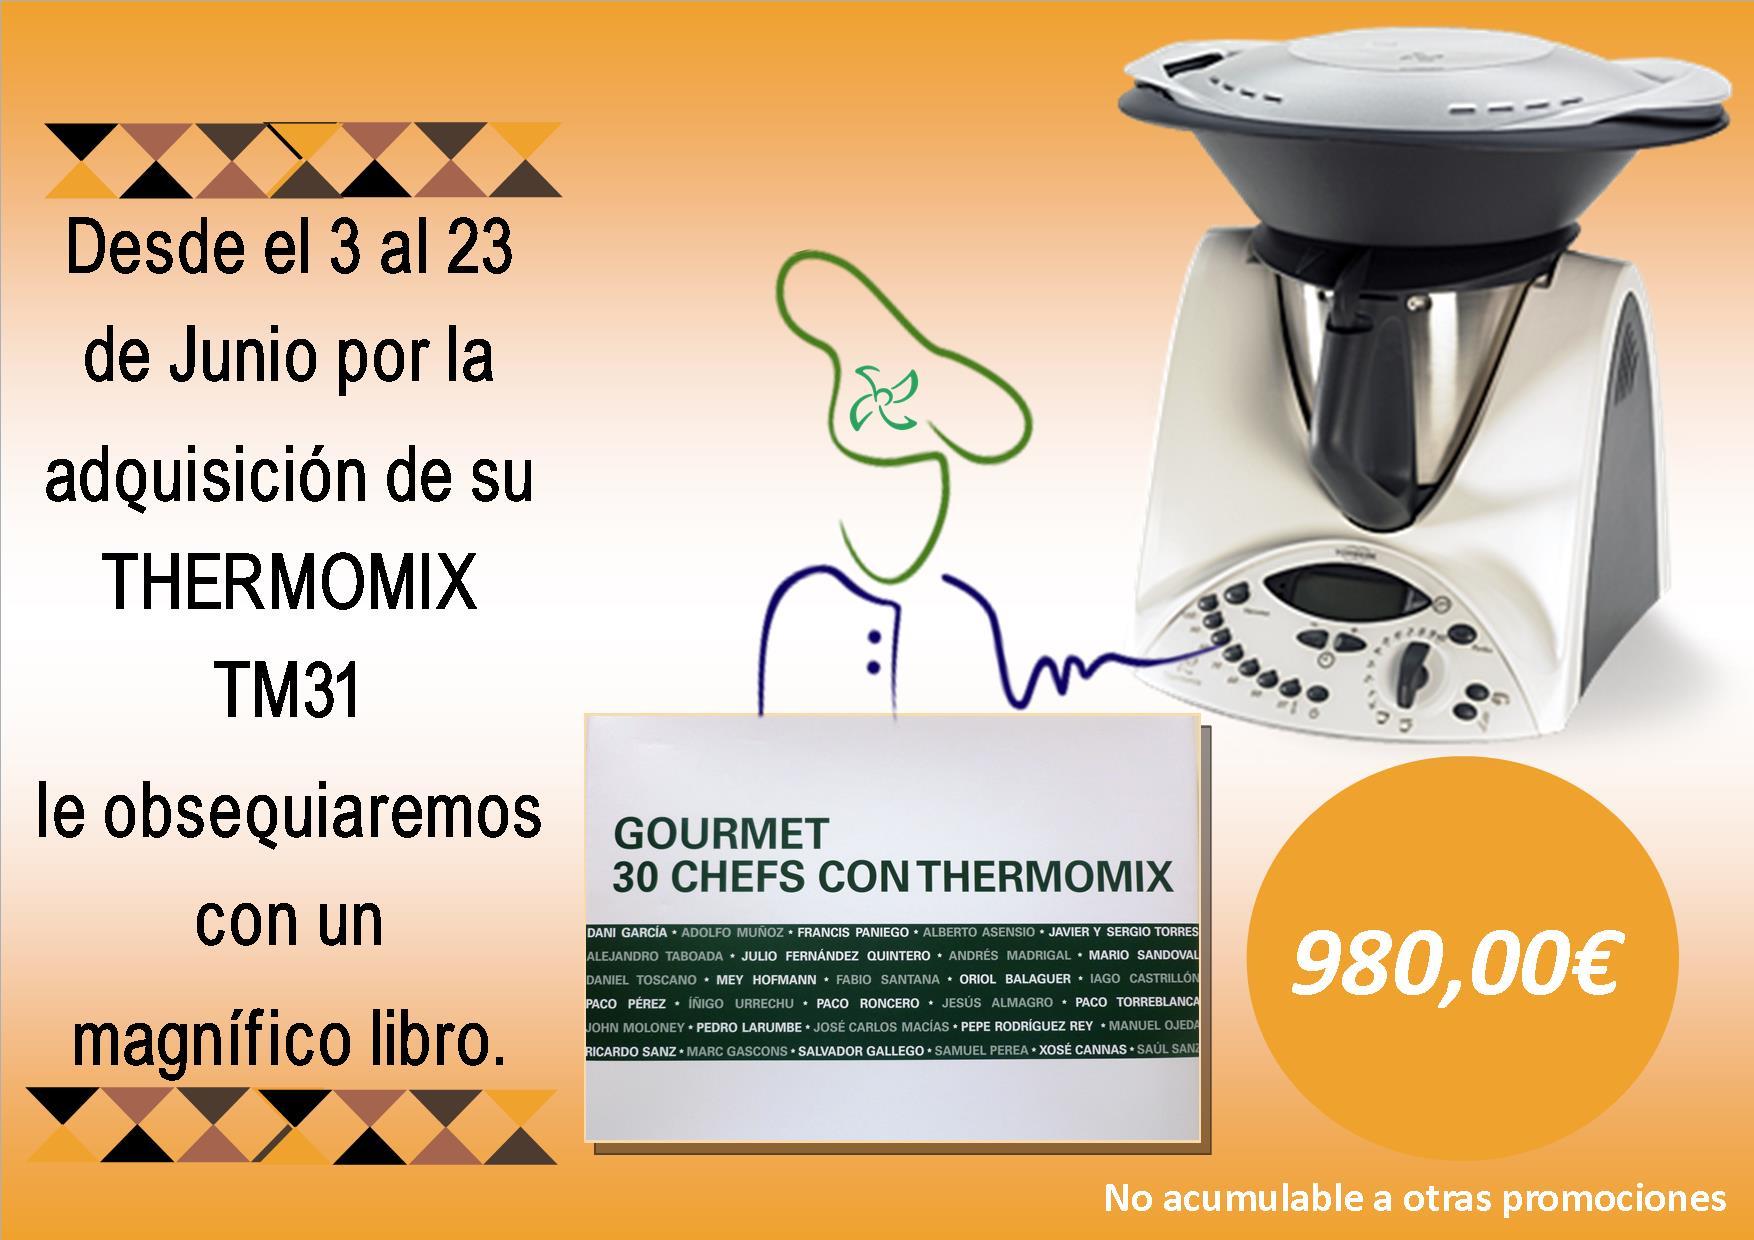 Promoción Thermomix® hasta el 23 de Junio